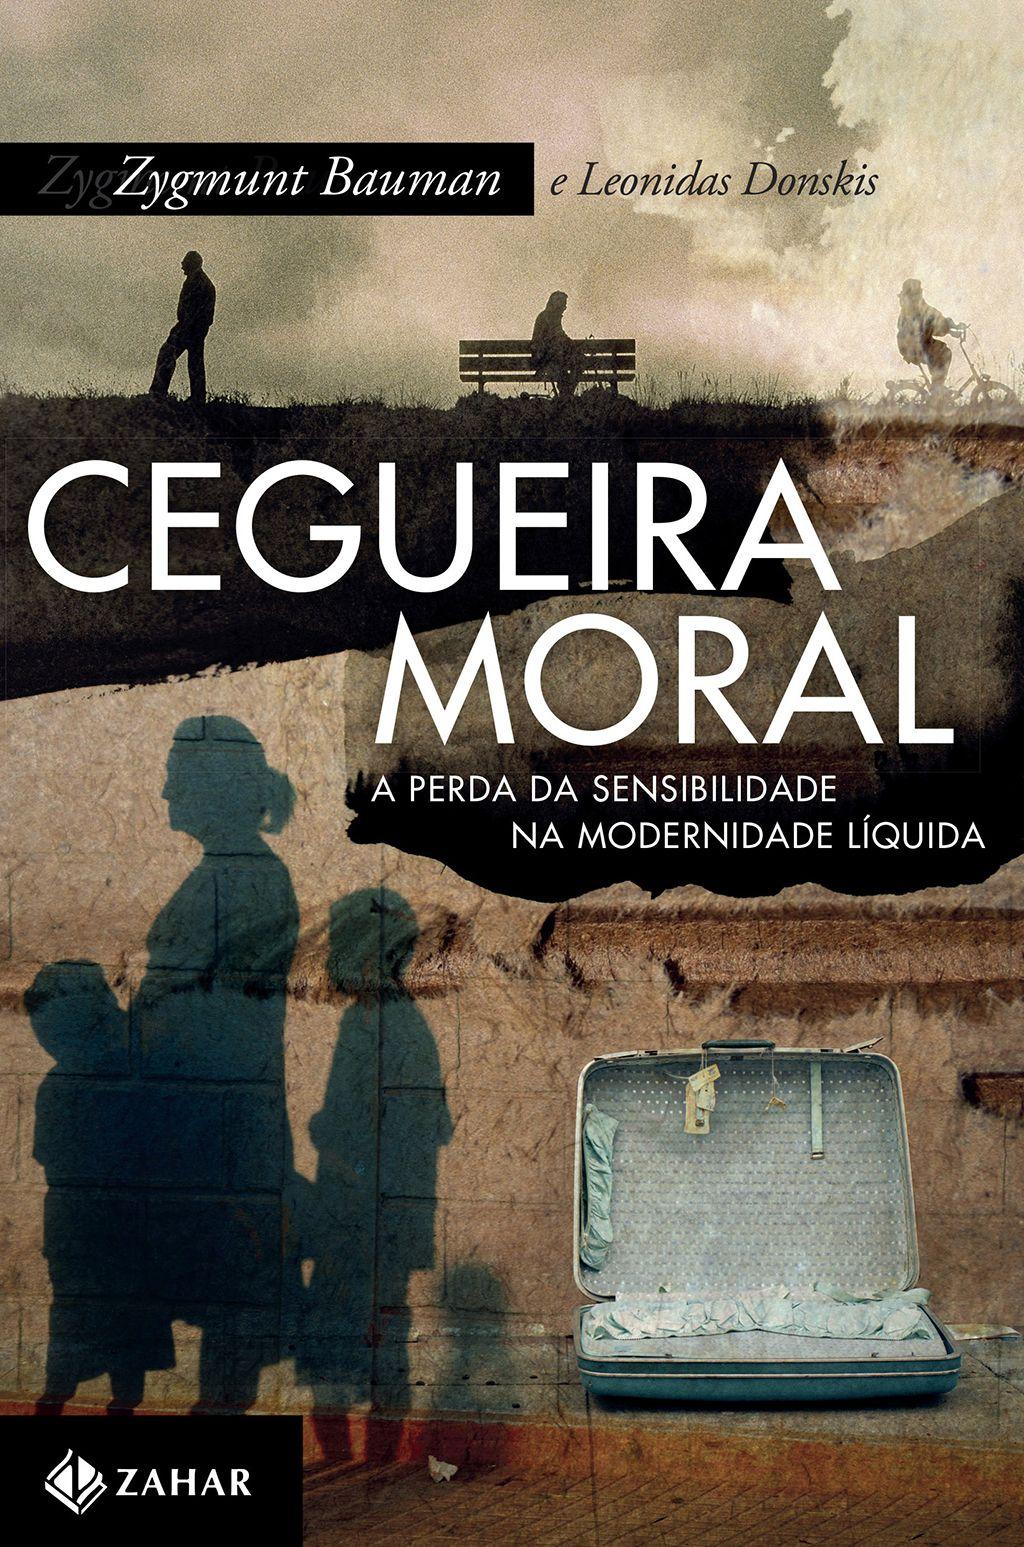 Cegueira Moral Zygmunt Bauman Livros Evangelicos Bauman